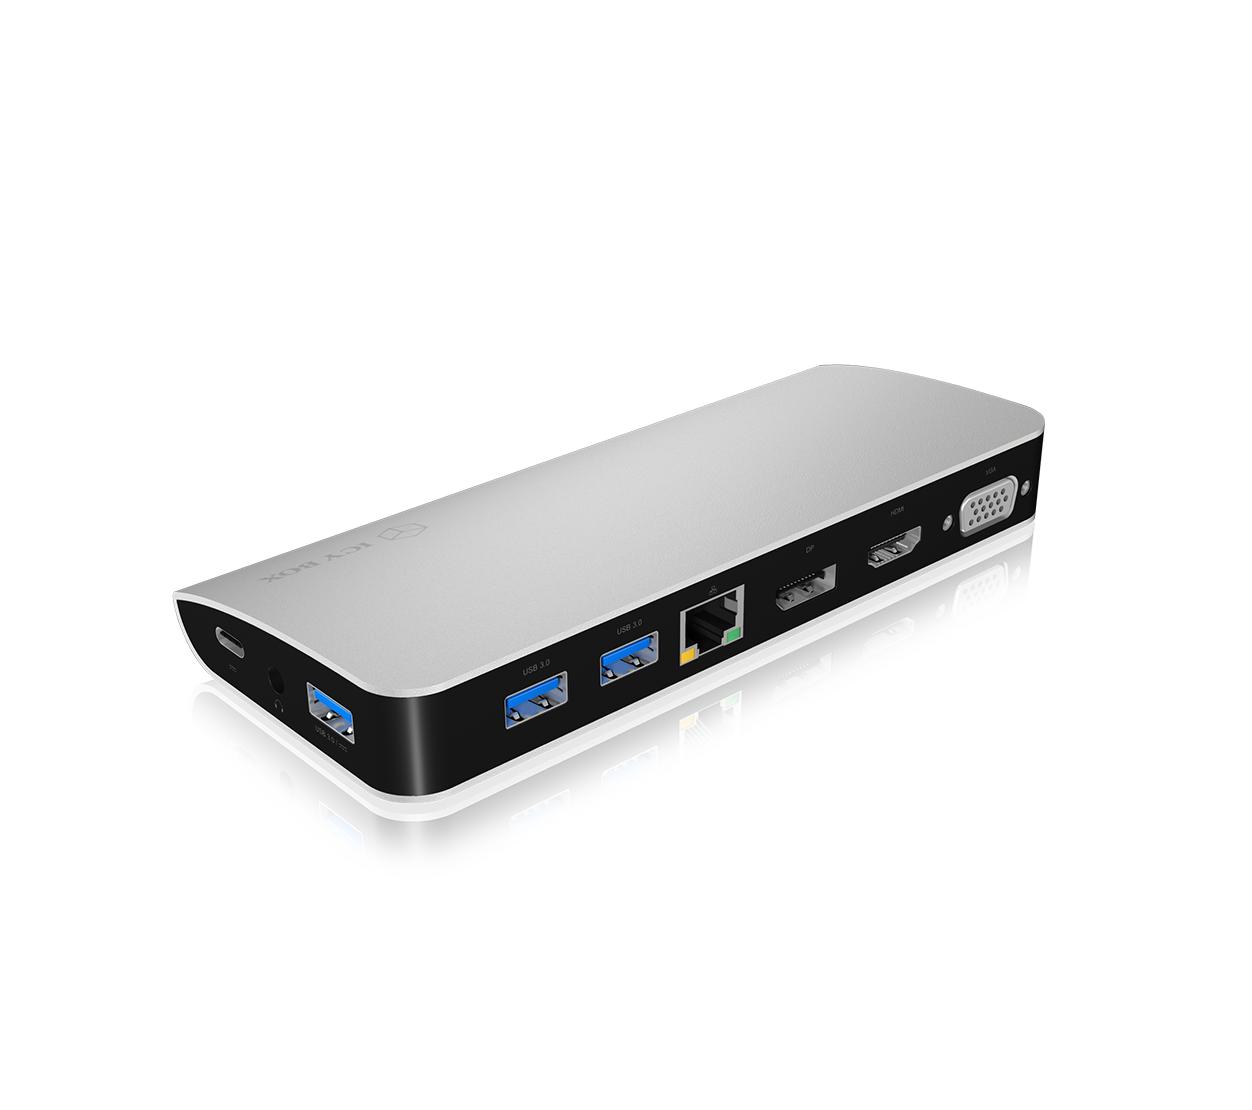 USB Type-C® DockingStation mit dreifacher Videoausgabe